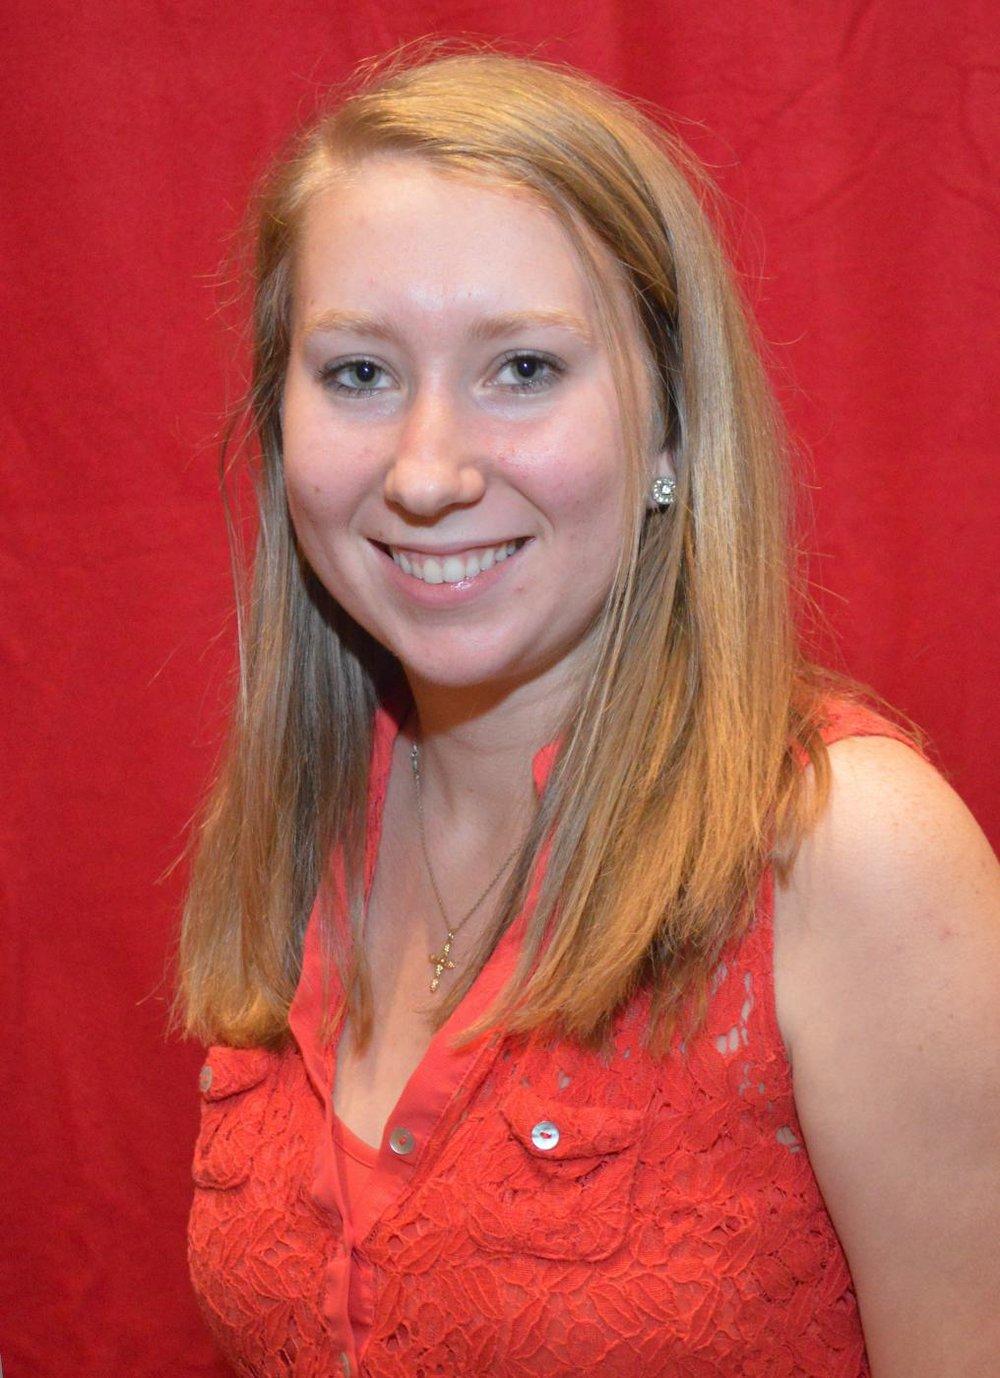 Katie Bennefeld - Student Intern